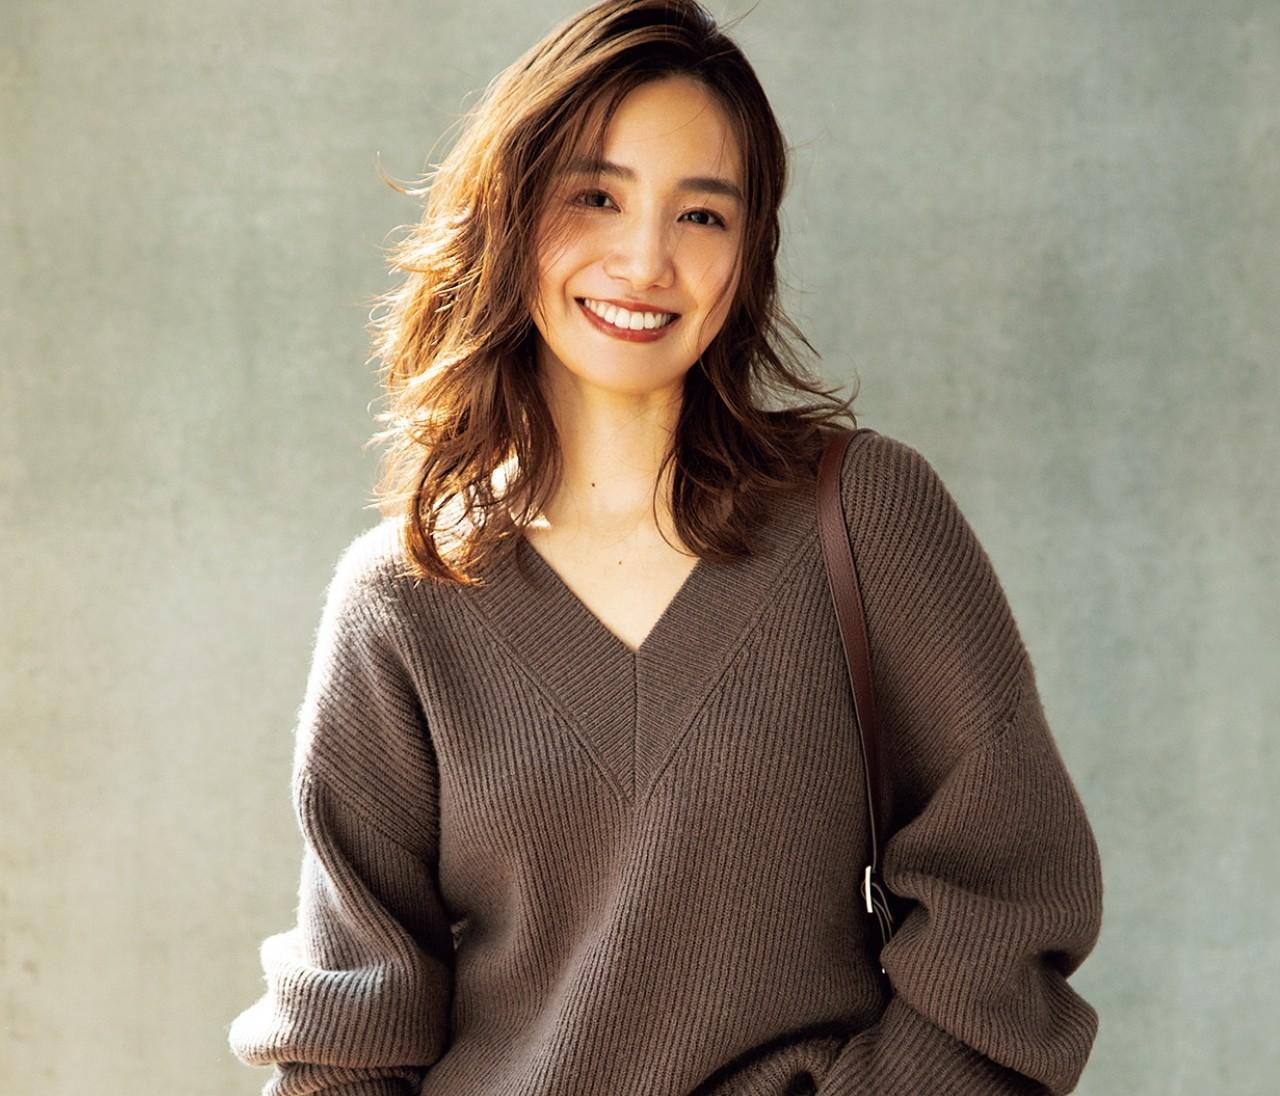 【おしゃれプロのブラウン選び】フレイ アイディープレス・三谷麗子さんの最新秋コーデが素敵すぎる!